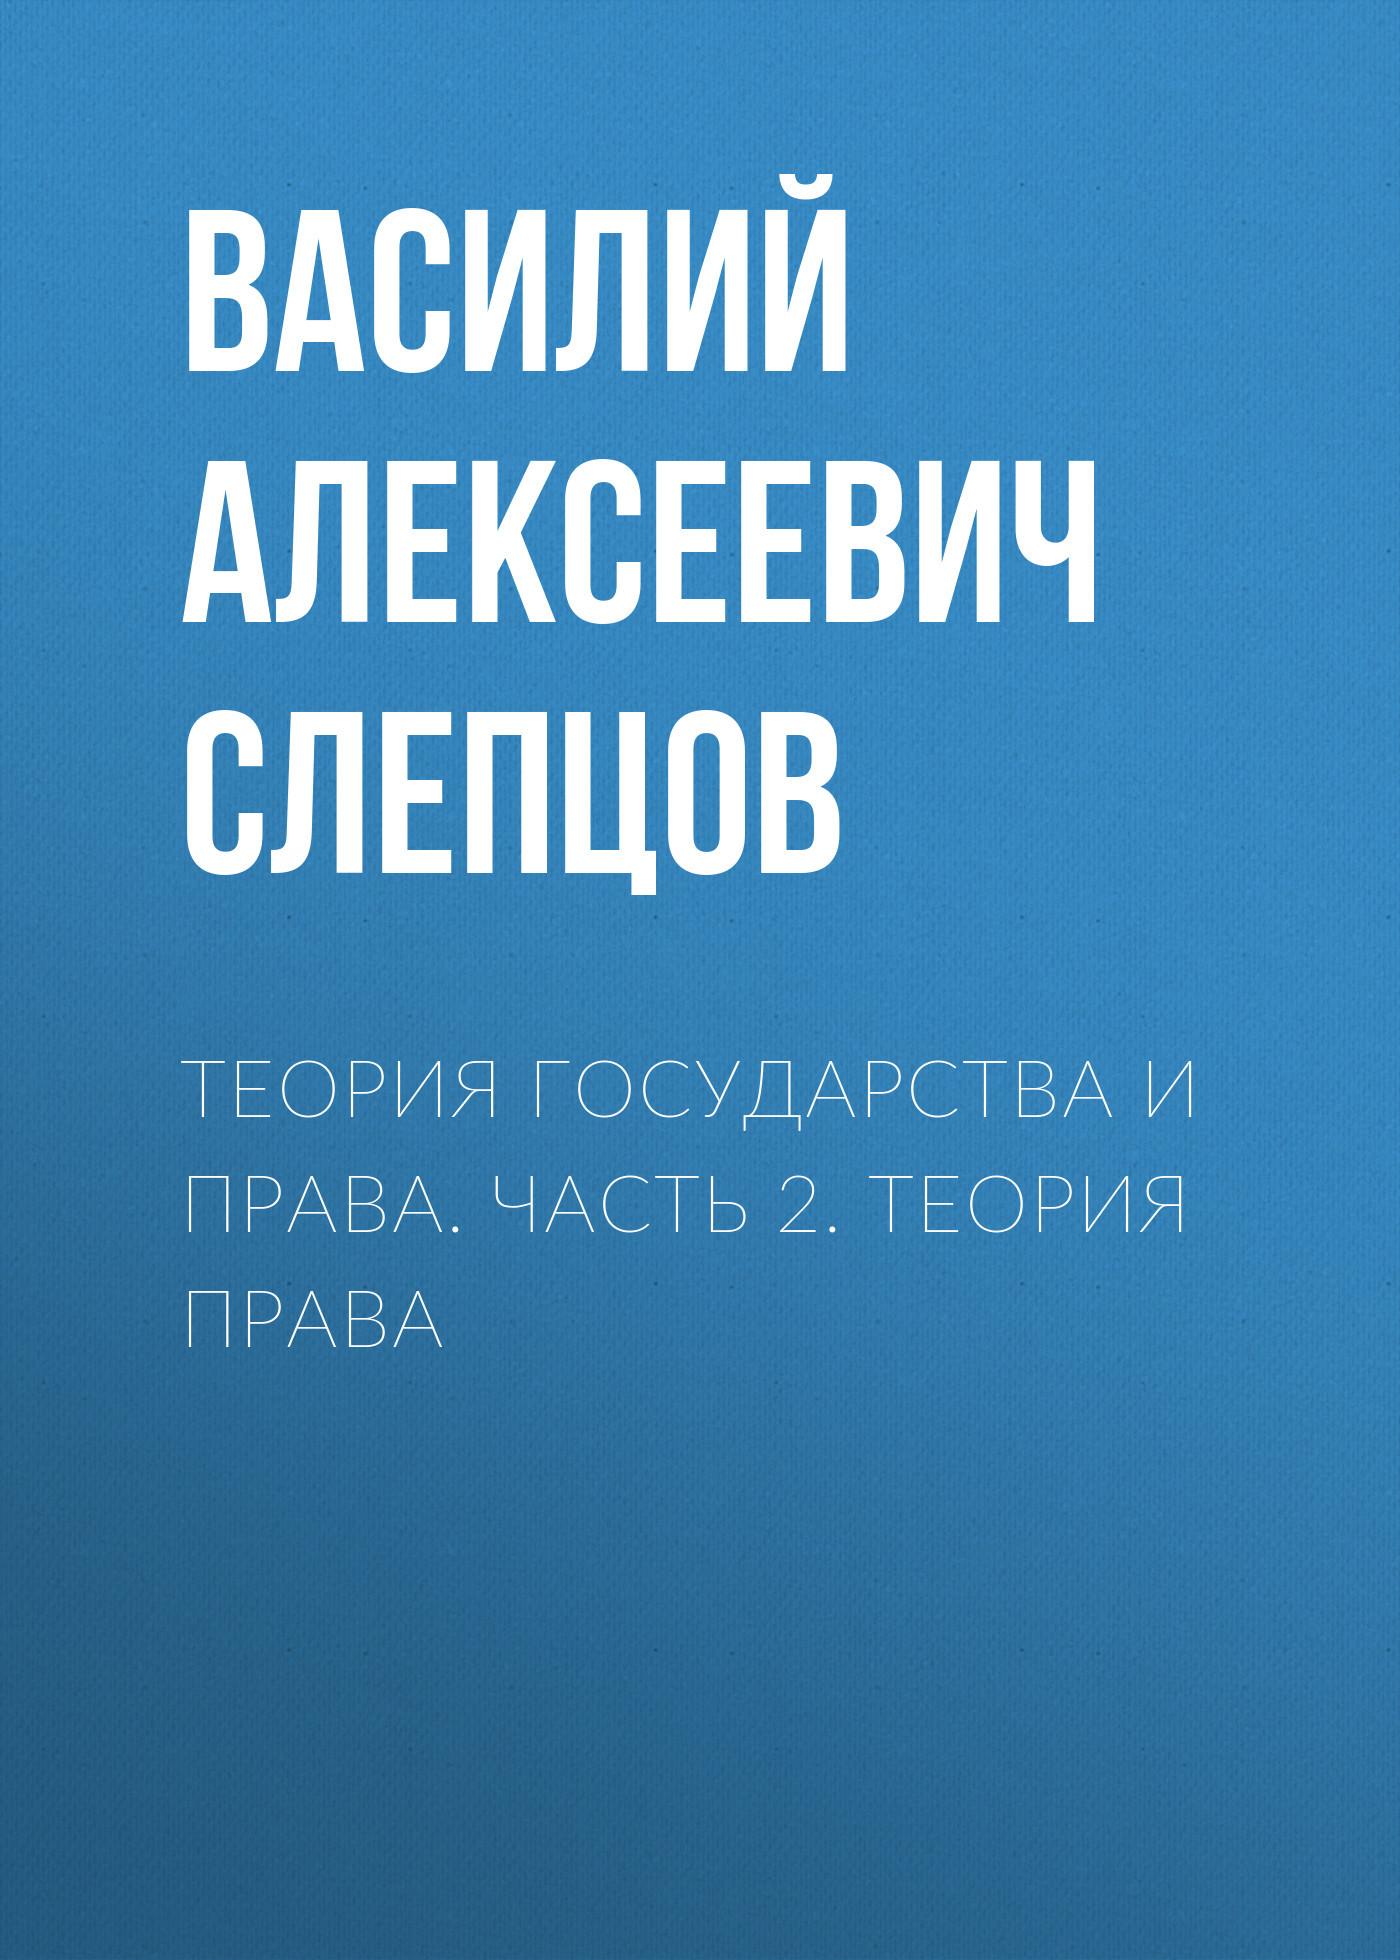 Василий Алексеевич Слепцов бесплатно